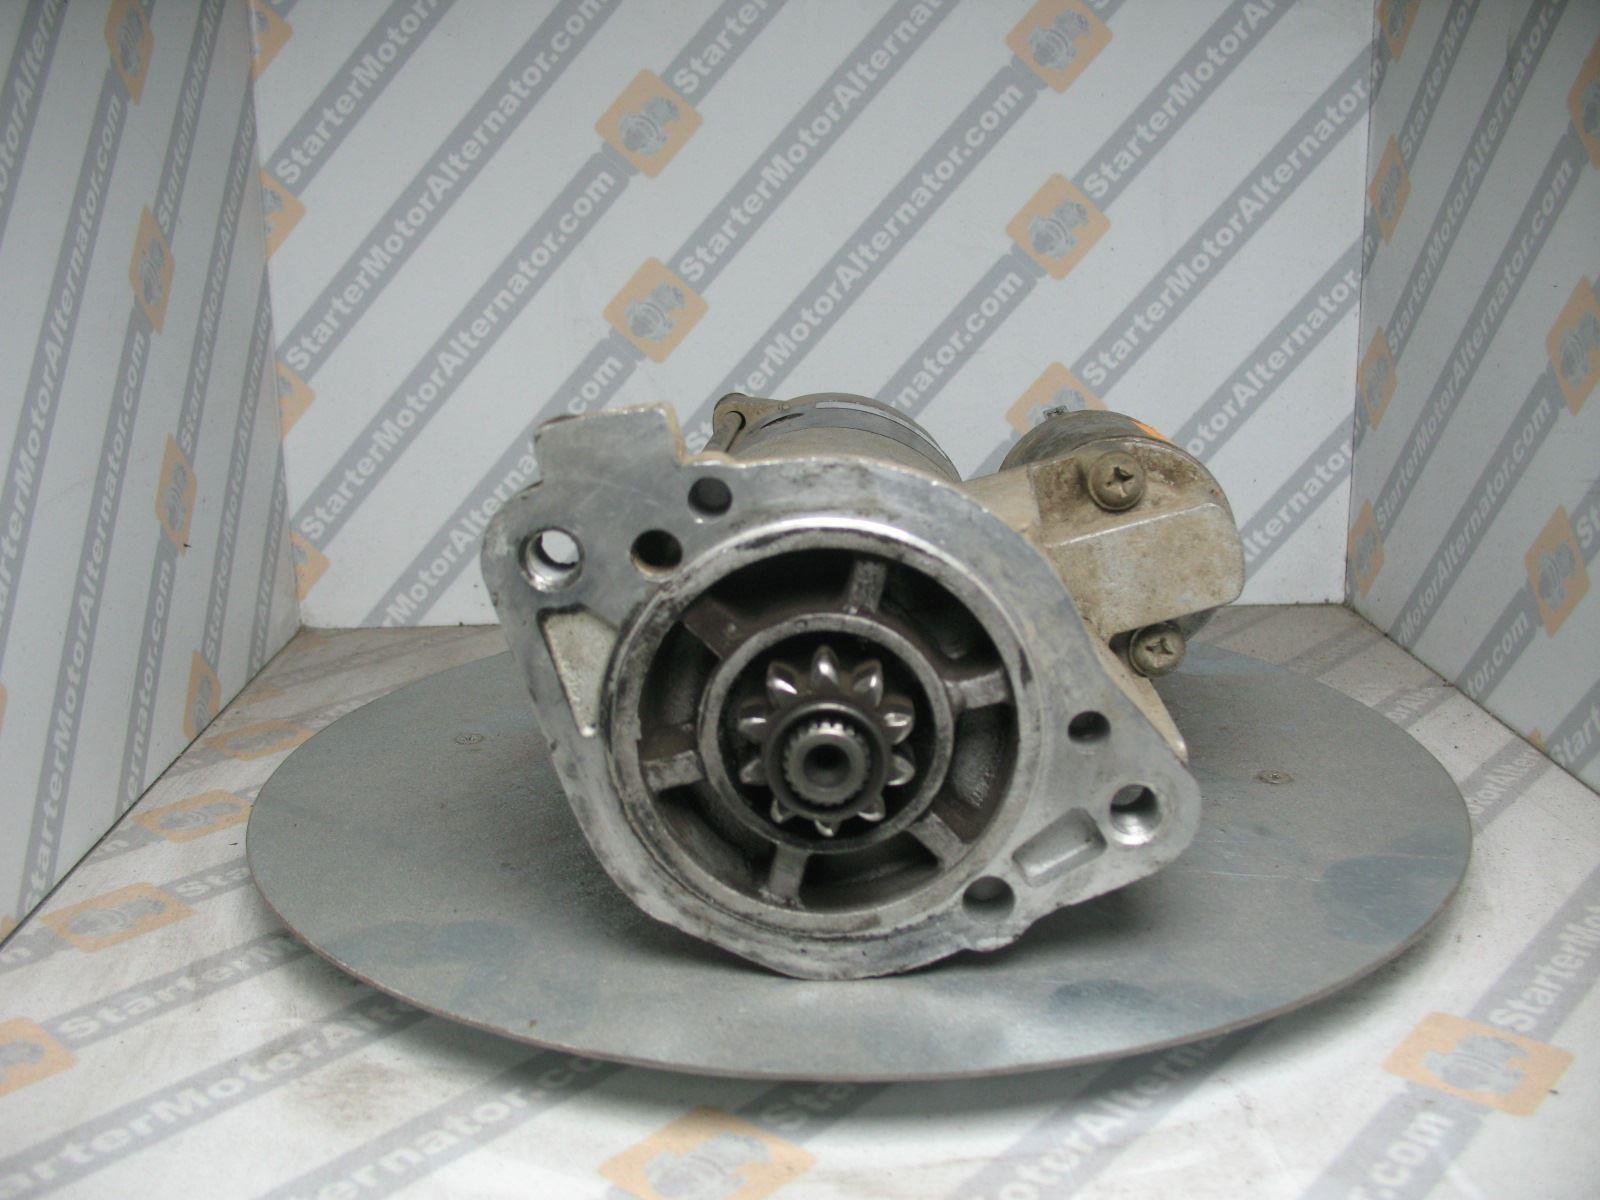 XIT1221 Starter Motor For Mitsubishi